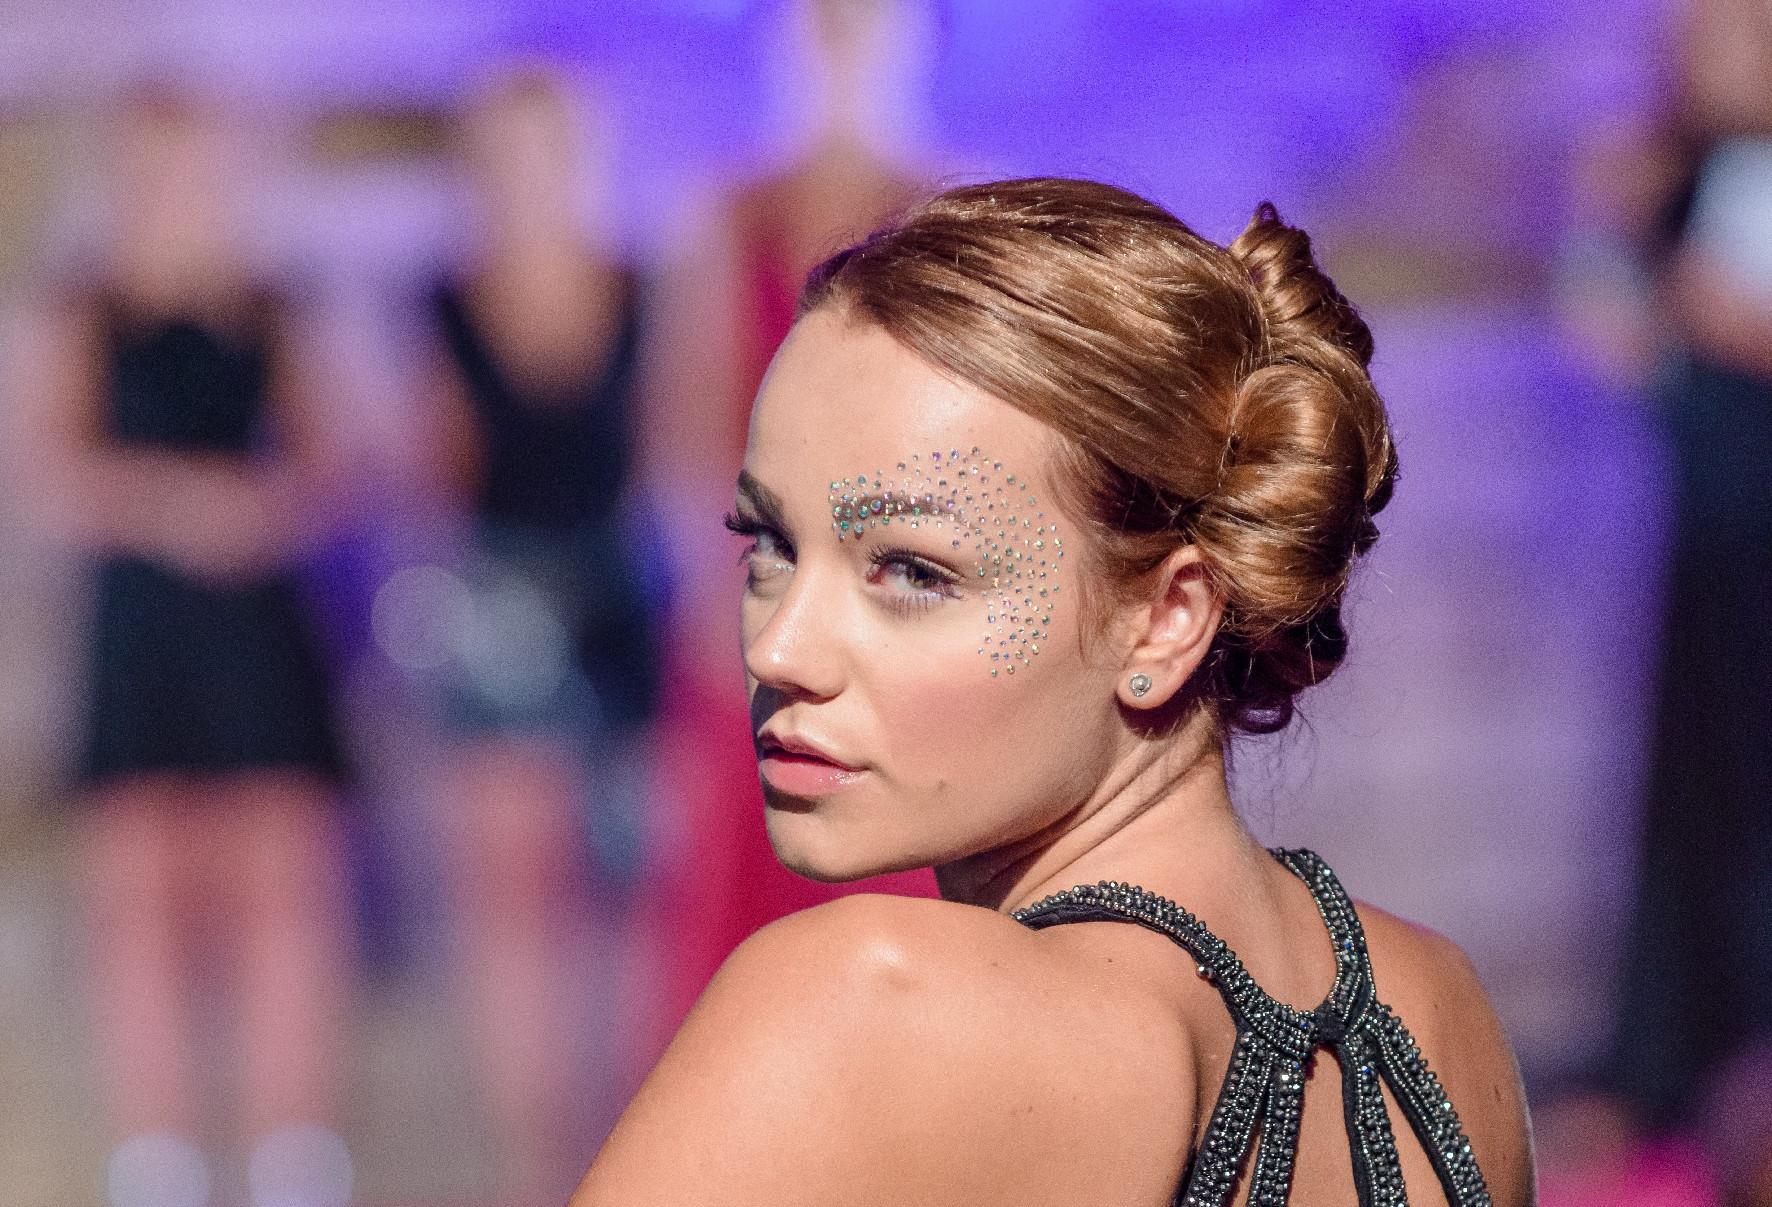 Giada Mancini, Miss il Giornale del Parrucchiere 2019, Gioele de Liso